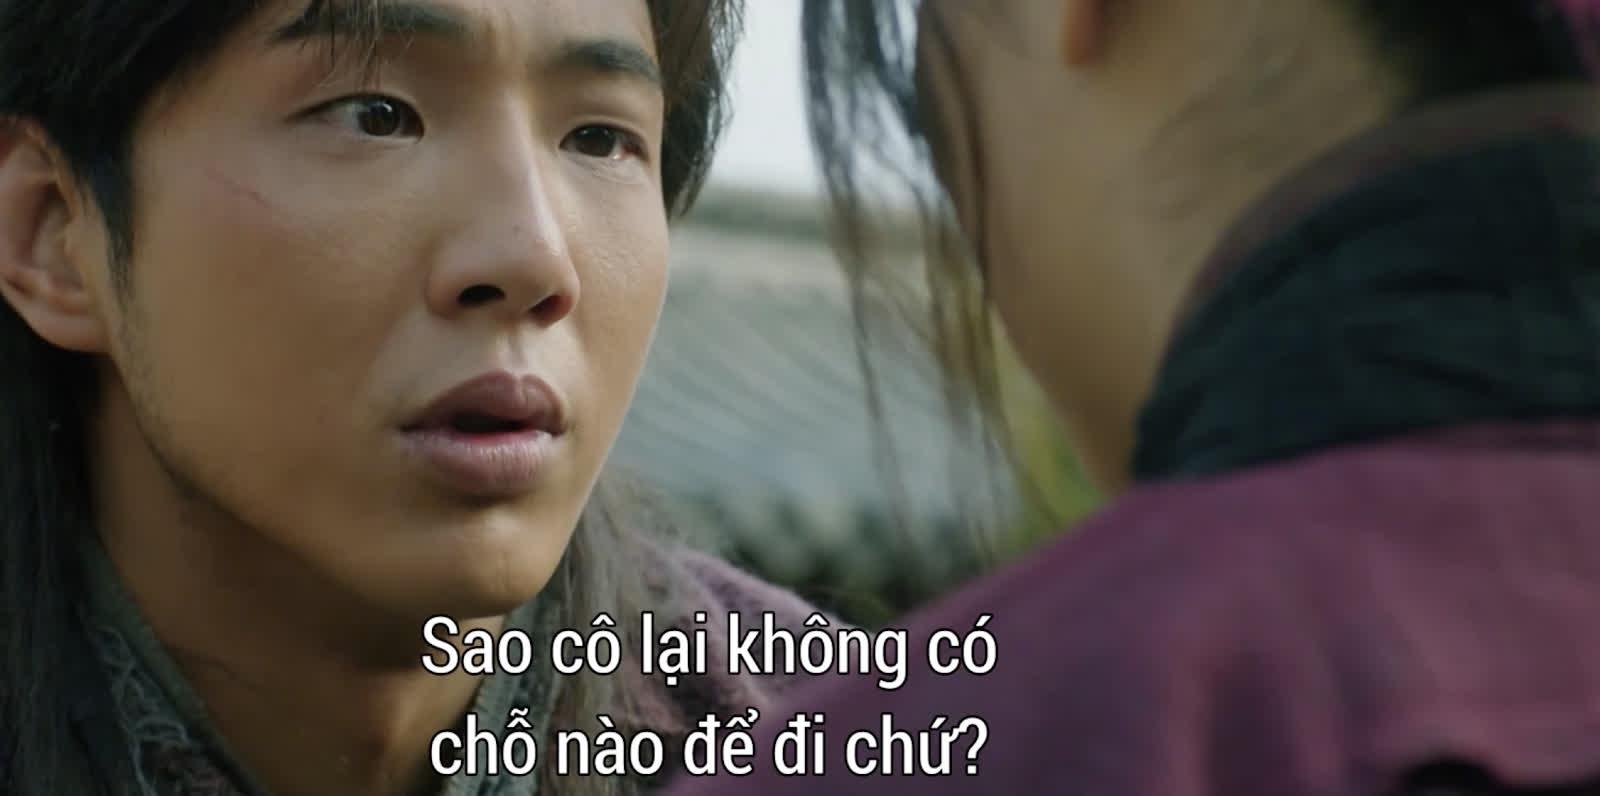 Vừa mới dẫn Kim So Hyun về ra mắt, Ji Soo phát hiện crush là kẻ gián tiếp giết cha ở Sông Đón Trăng Lên? - Ảnh 6.